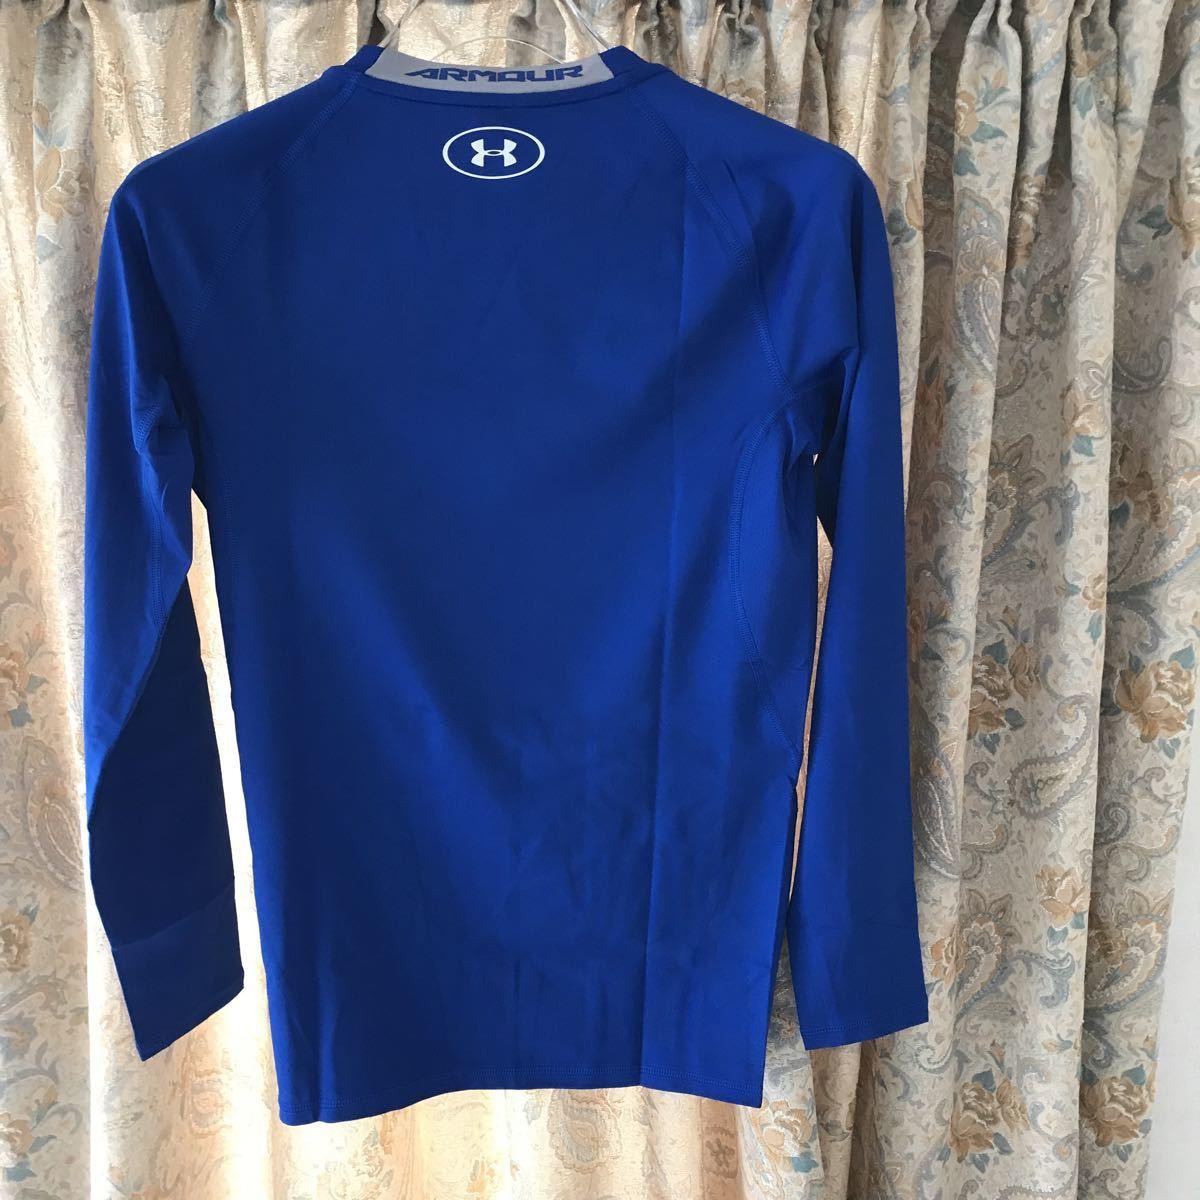 2点新品アンダーアーマー 長袖インナーシャツ ブルー Lサイズ ヒートドギア コンプレッション 野球 サッカー ランニング フットサル